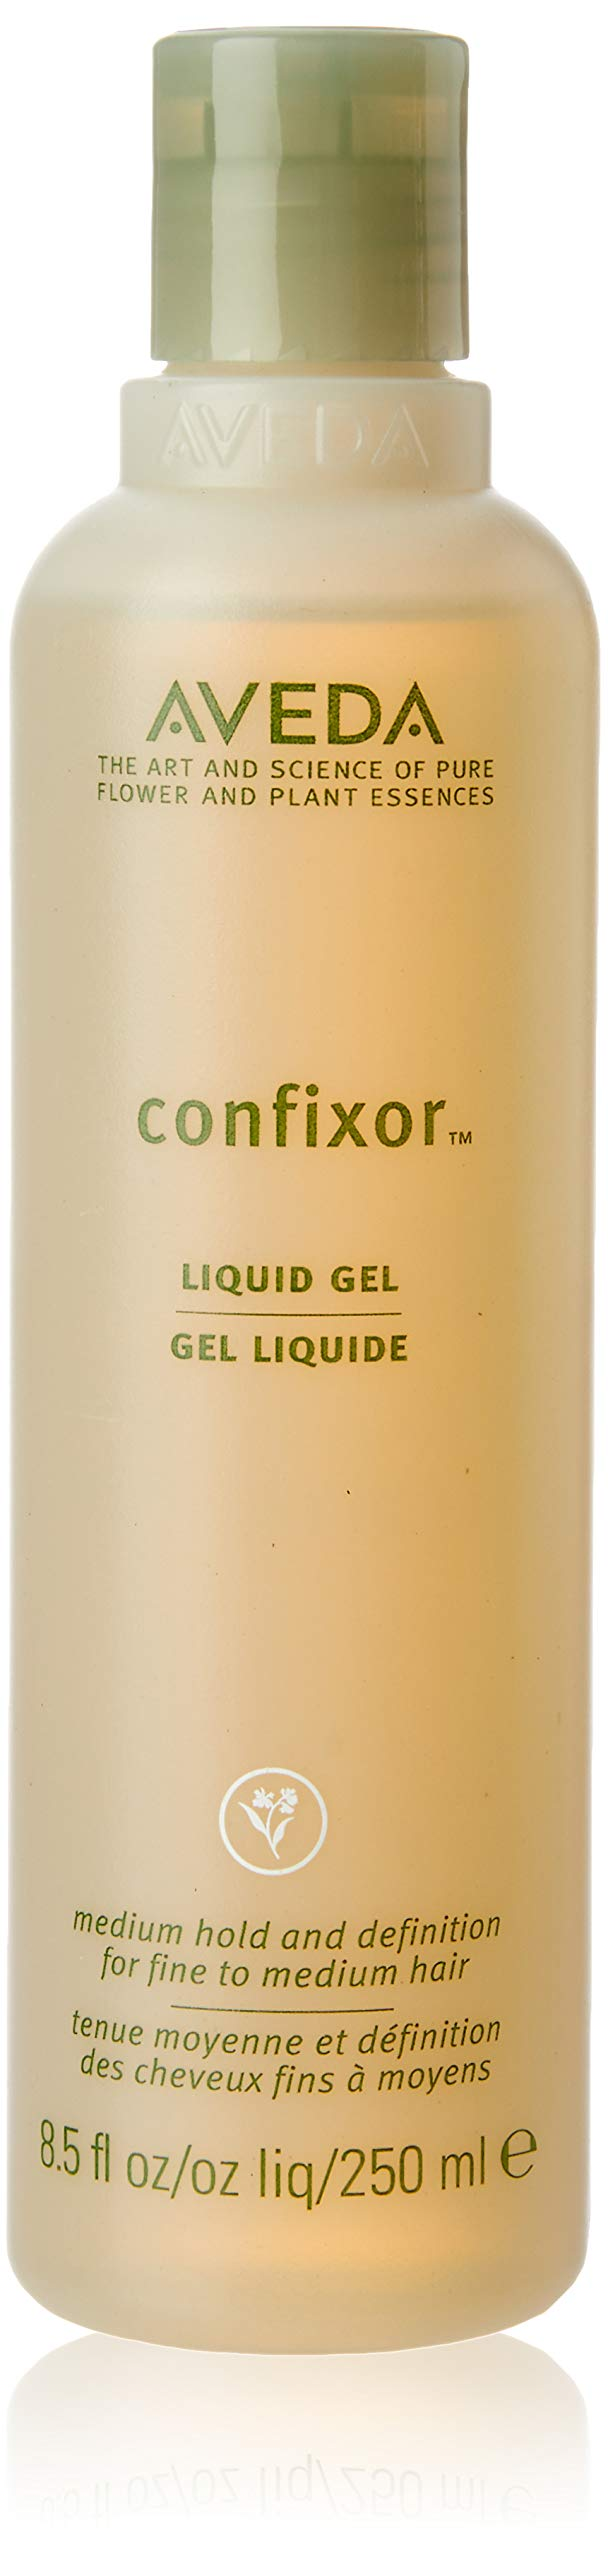 Aveda Confixor Liquid Gel, 8.5 Ounces [Personal Care]